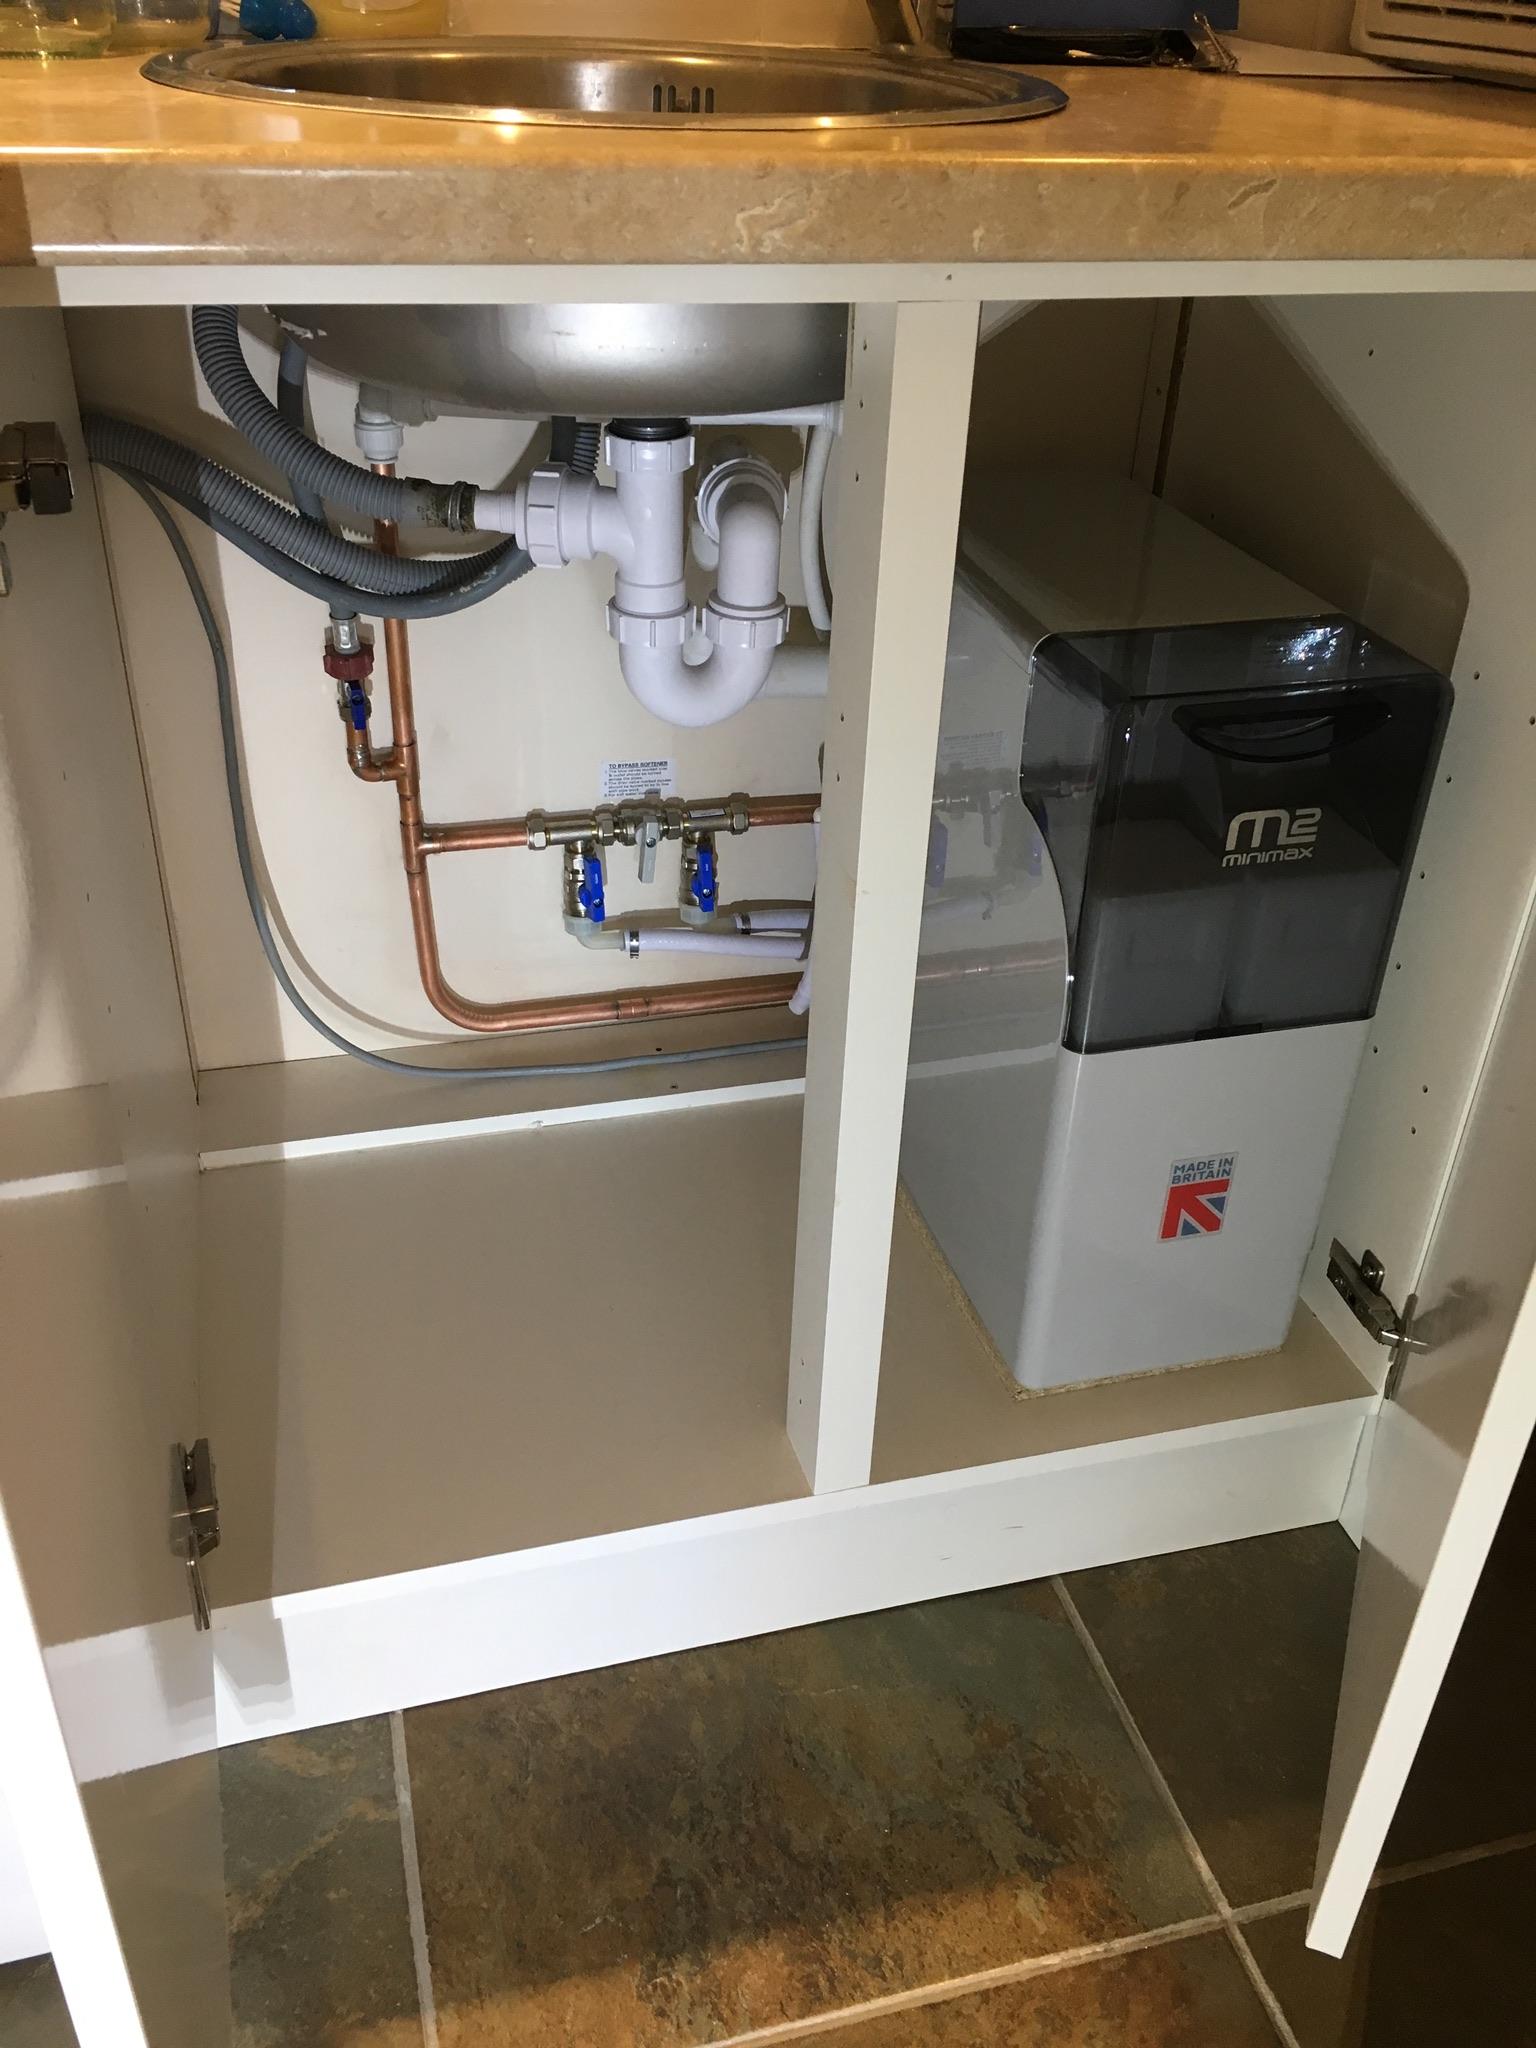 New water softener under kitchen sink